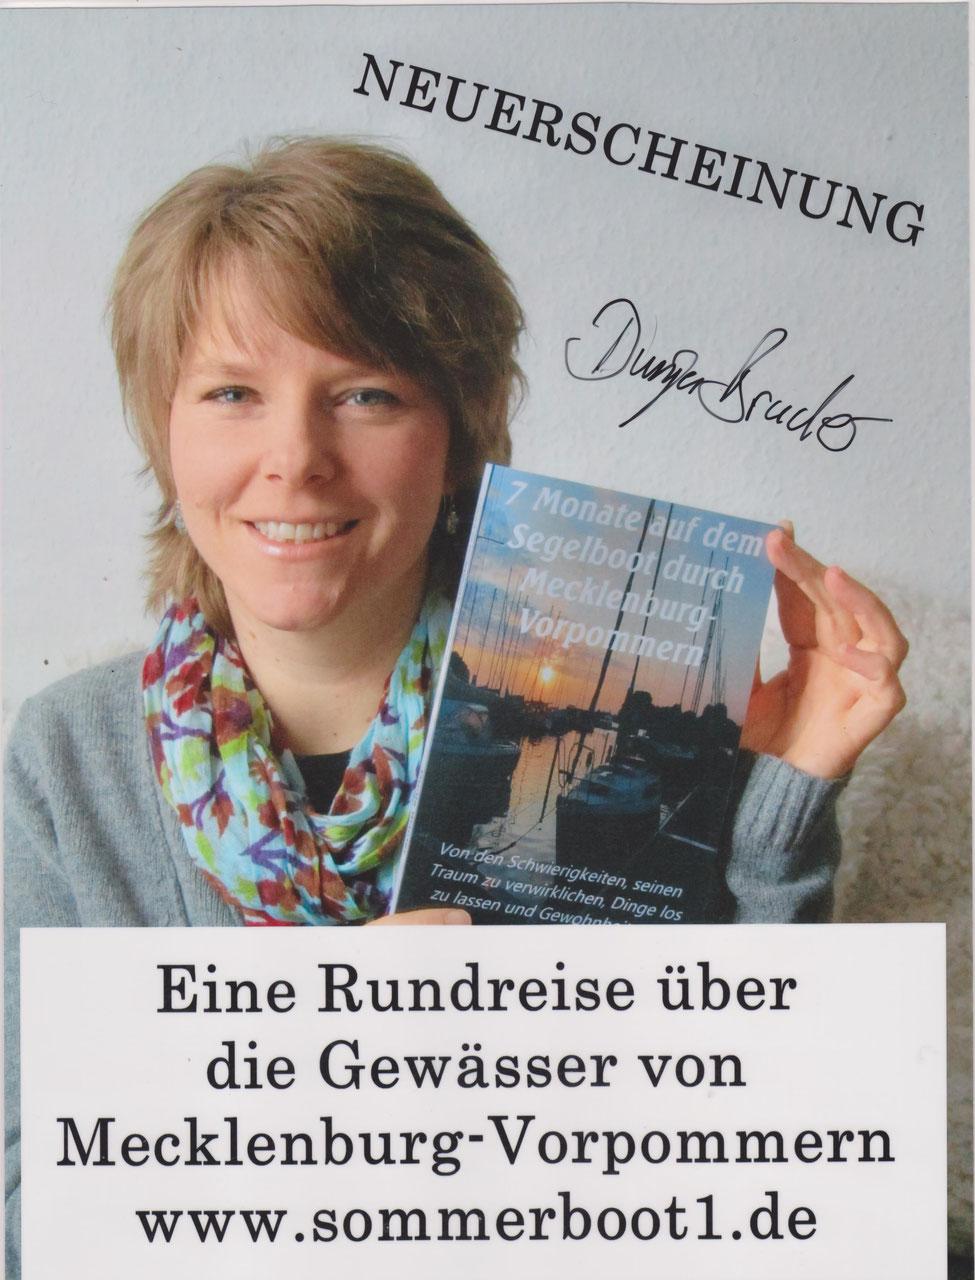 Leben auf dem Boot 7 Monate auf dem Segelboot durch Mecklenburg-Vorpommern